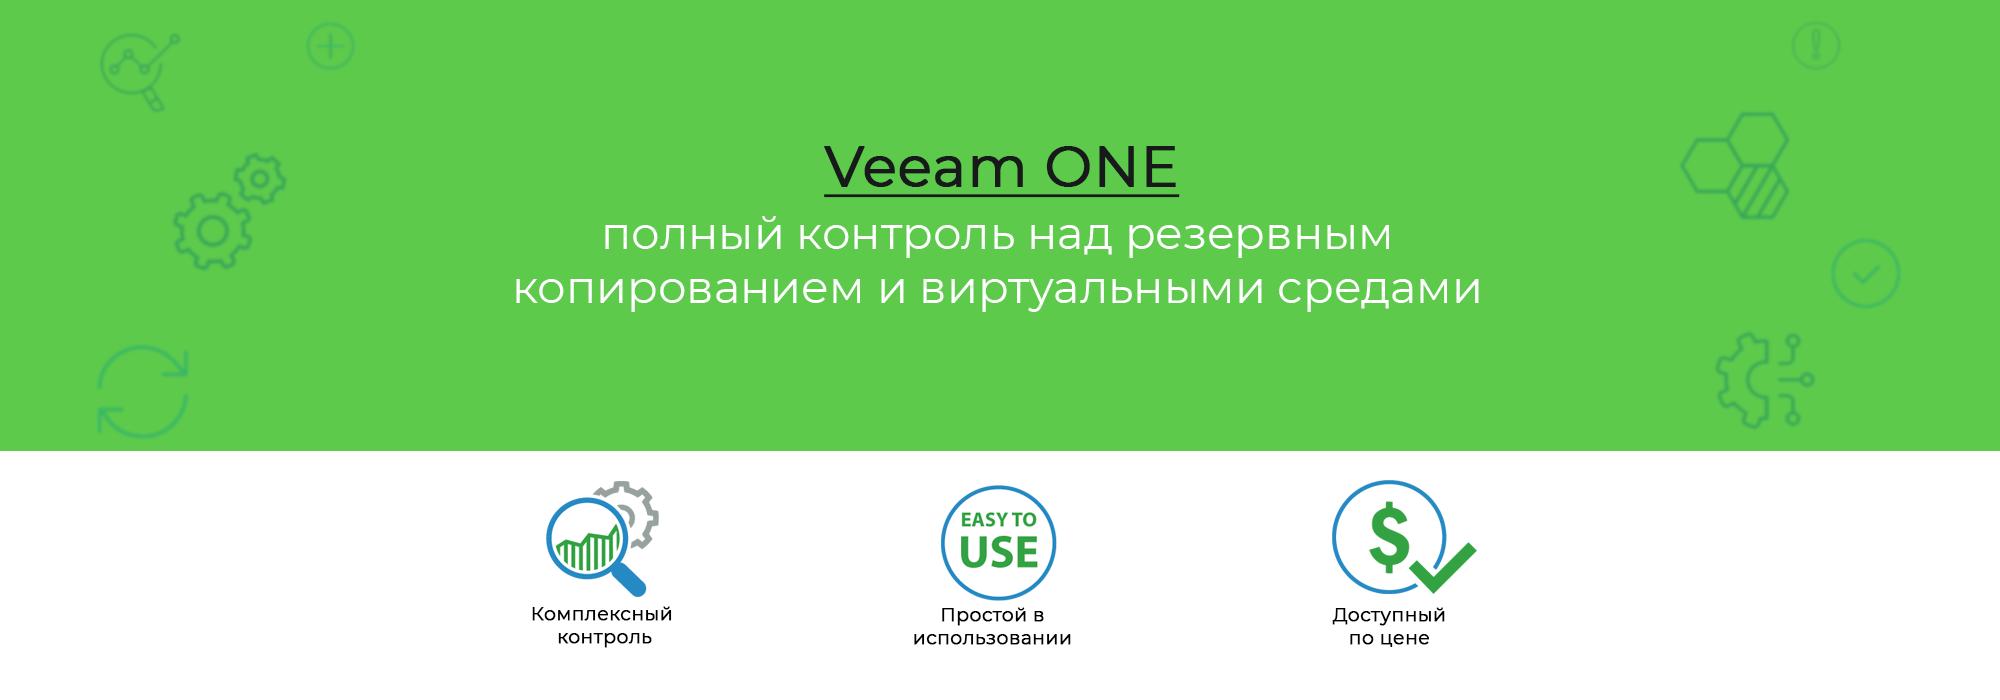 Veeam-ONE-полный-контроль-над-резервным-копированием